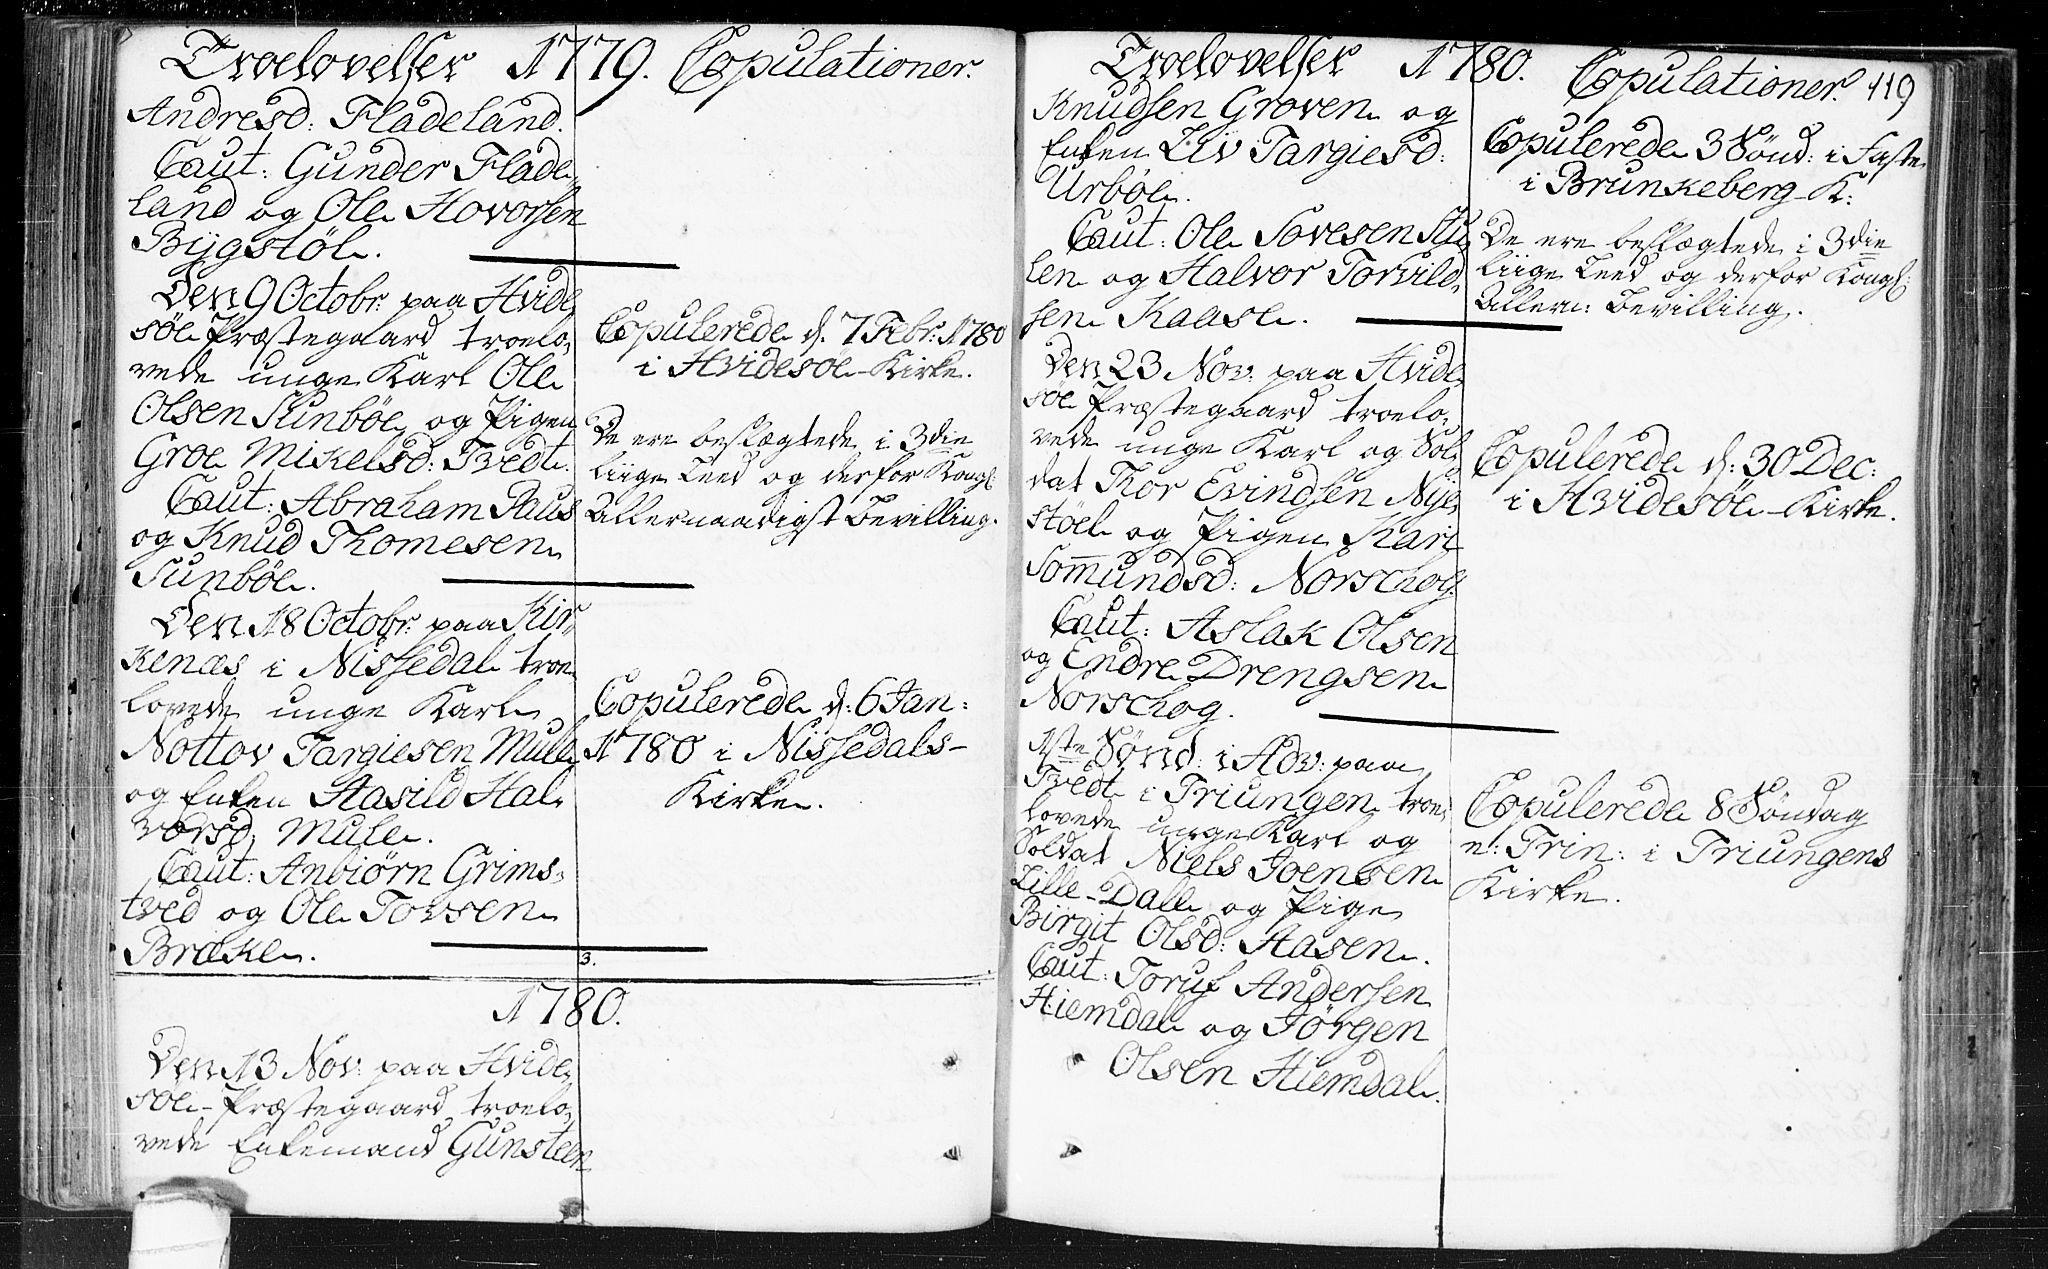 SAKO, Kviteseid kirkebøker, F/Fa/L0002: Ministerialbok nr. I 2, 1773-1786, s. 119